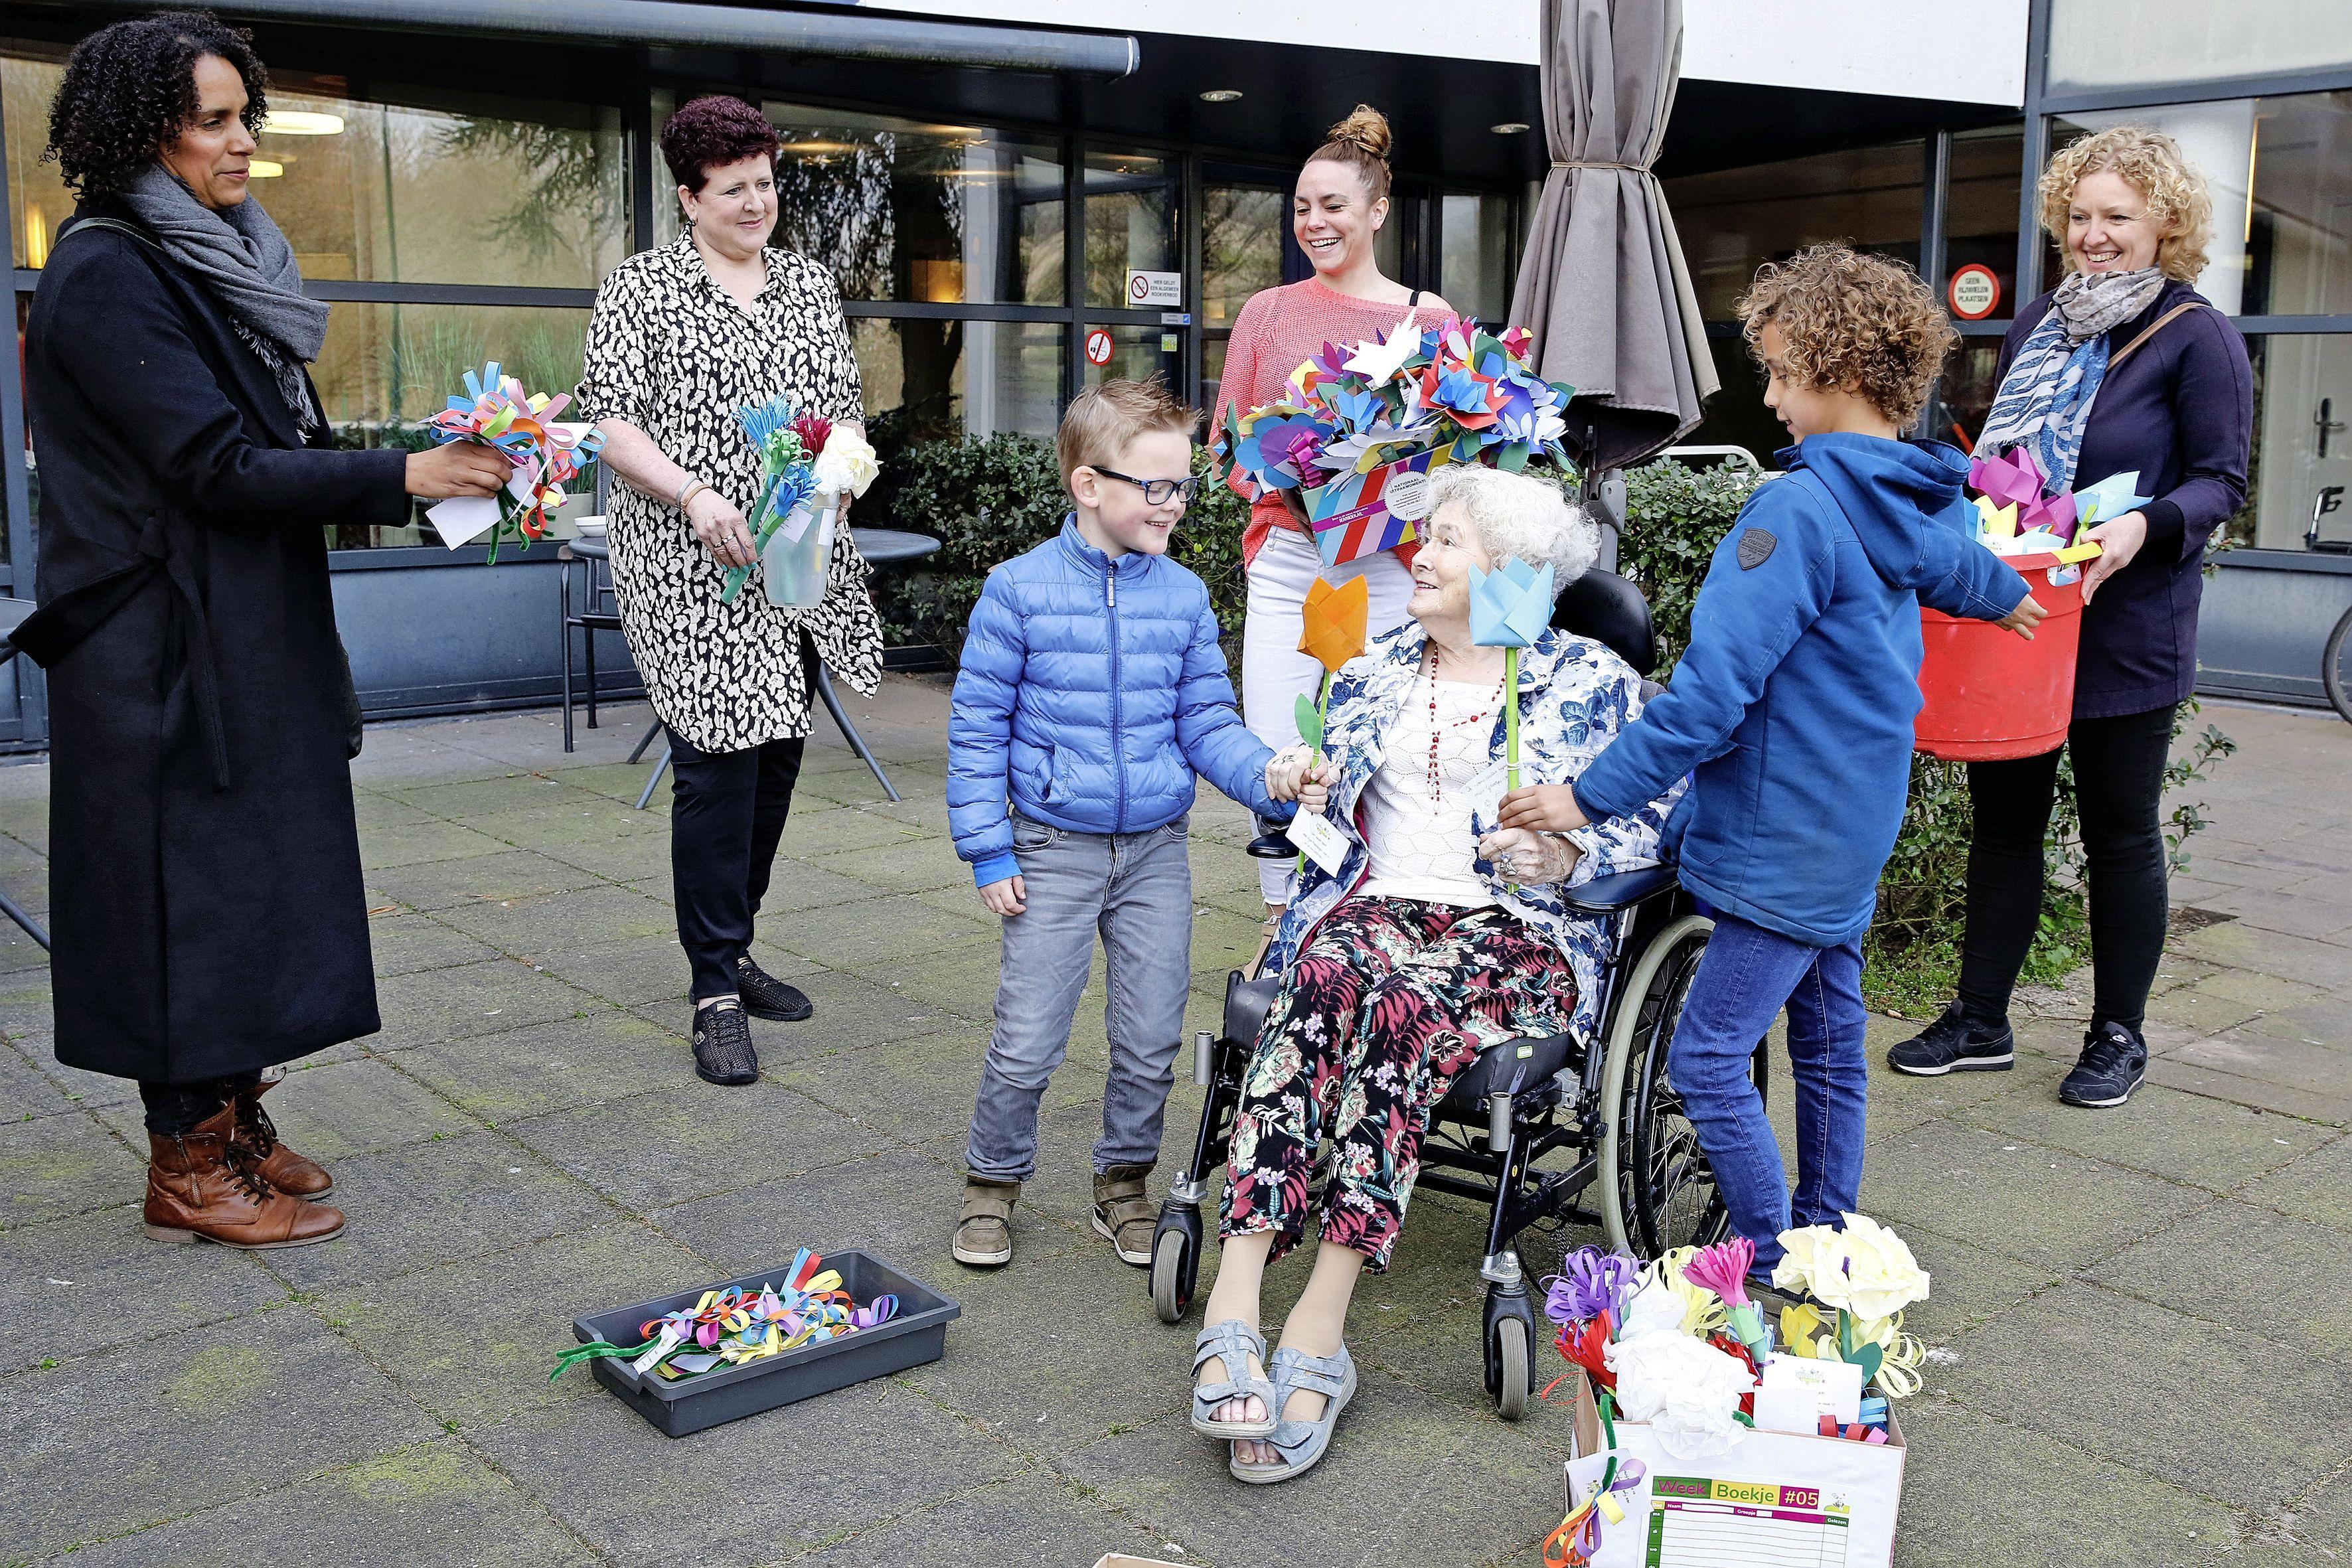 Bewoners Molenschot ontvangen bos van 250 zelfgeknutselde bloemen; Vrolijk gebaar van leerlingen Da Costaschool in Soest